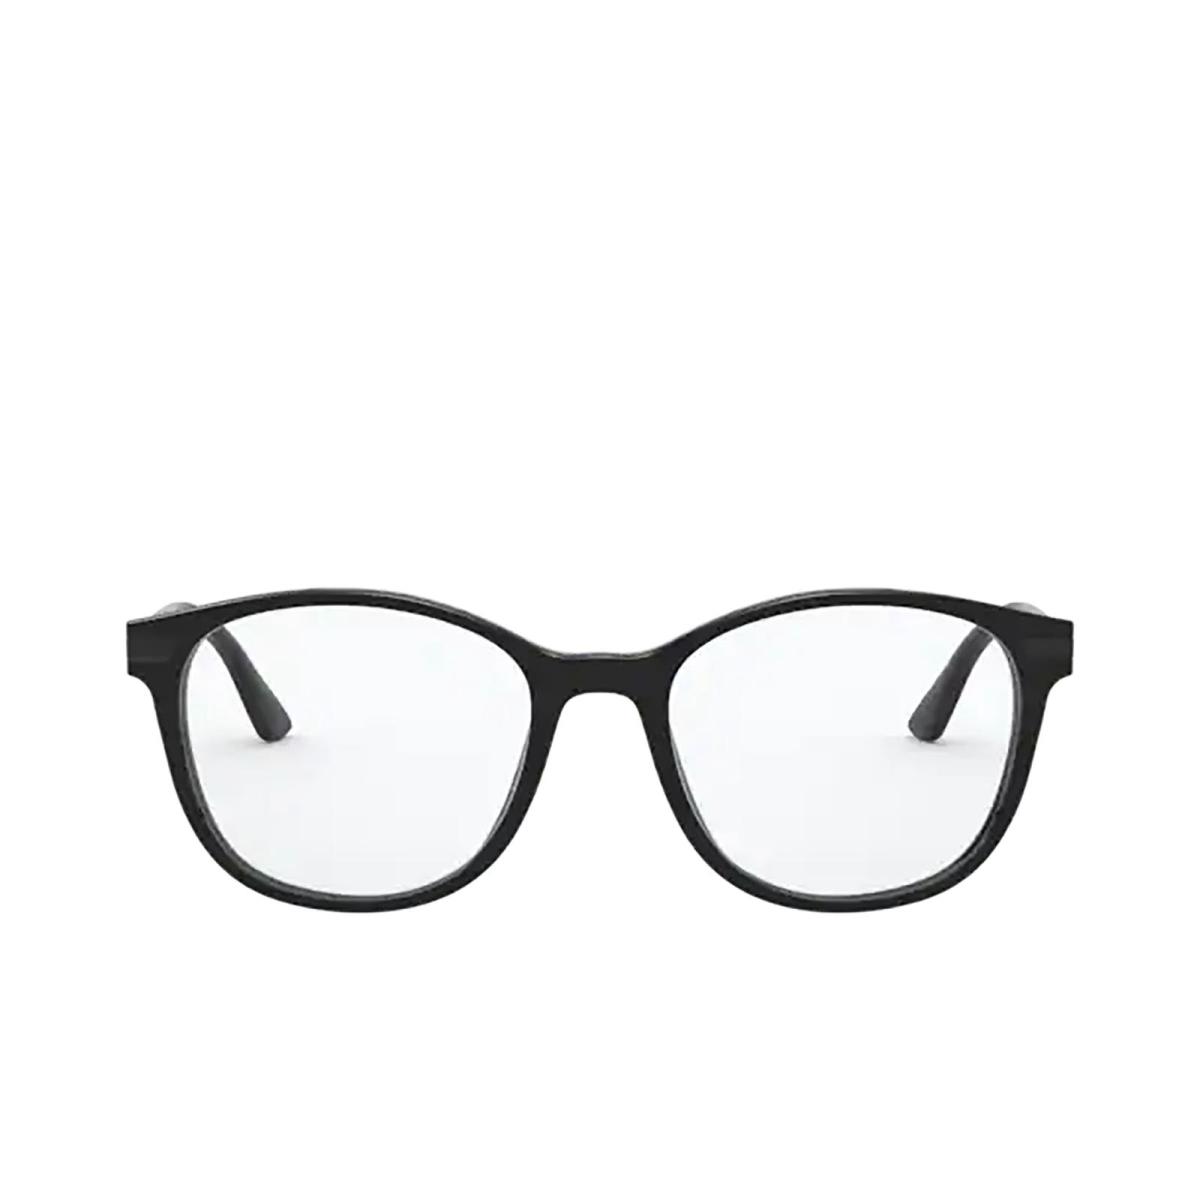 Prada® Round Eyeglasses: PR 02WV color Black 07F1O1.